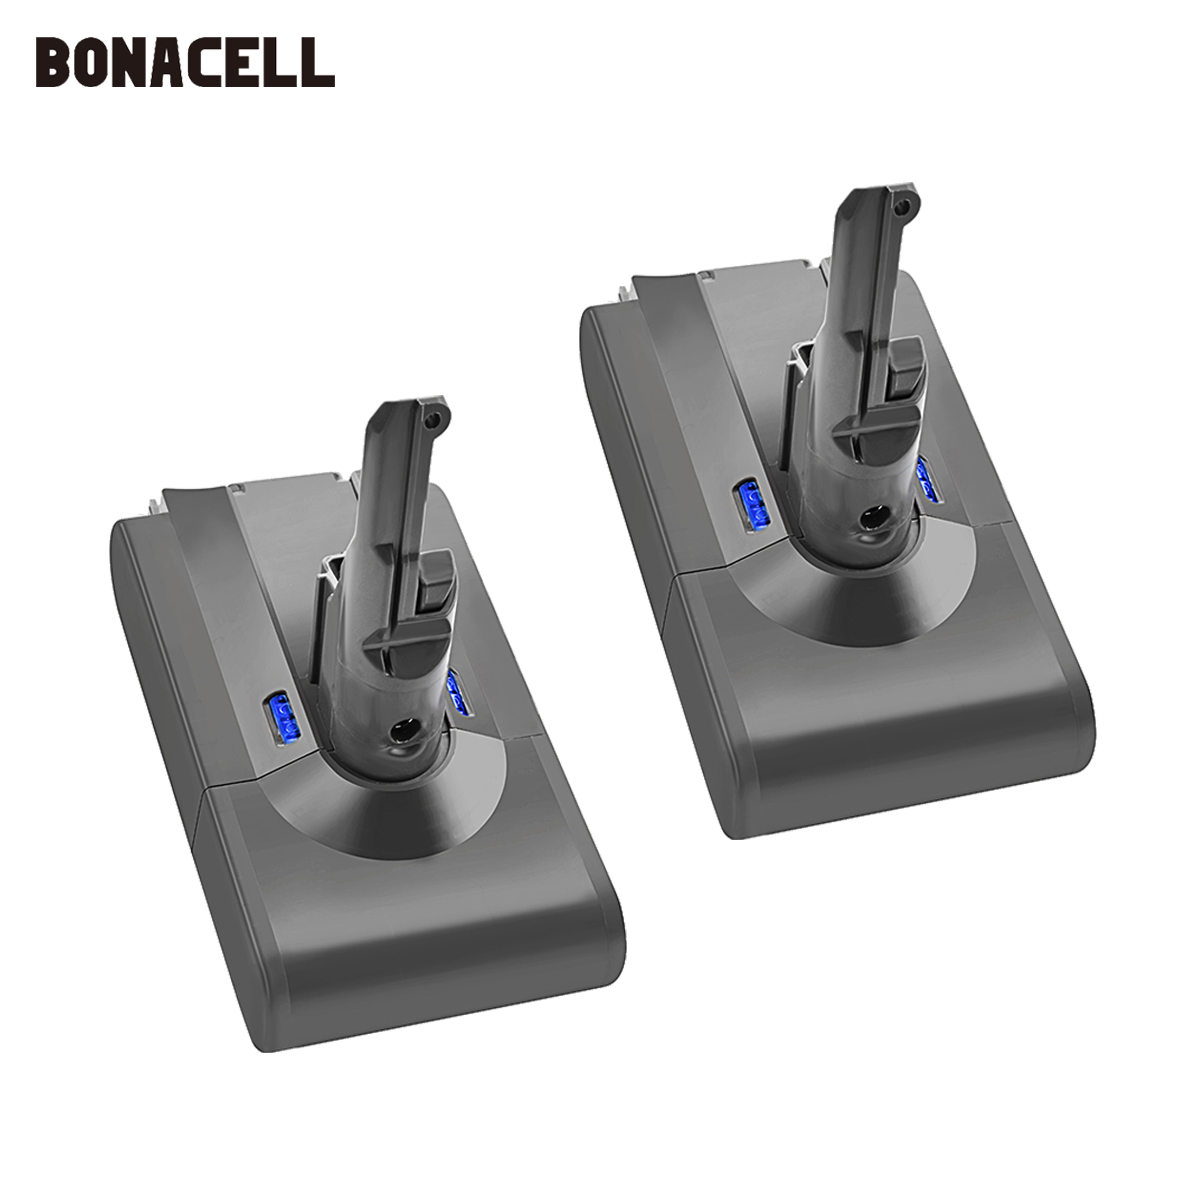 Bonacell-batería recargable para aspiradora Dyson V8, batería de ion de litio de 4000mAh y 21,6 V para aspiradora Dyson V8, modelo L70